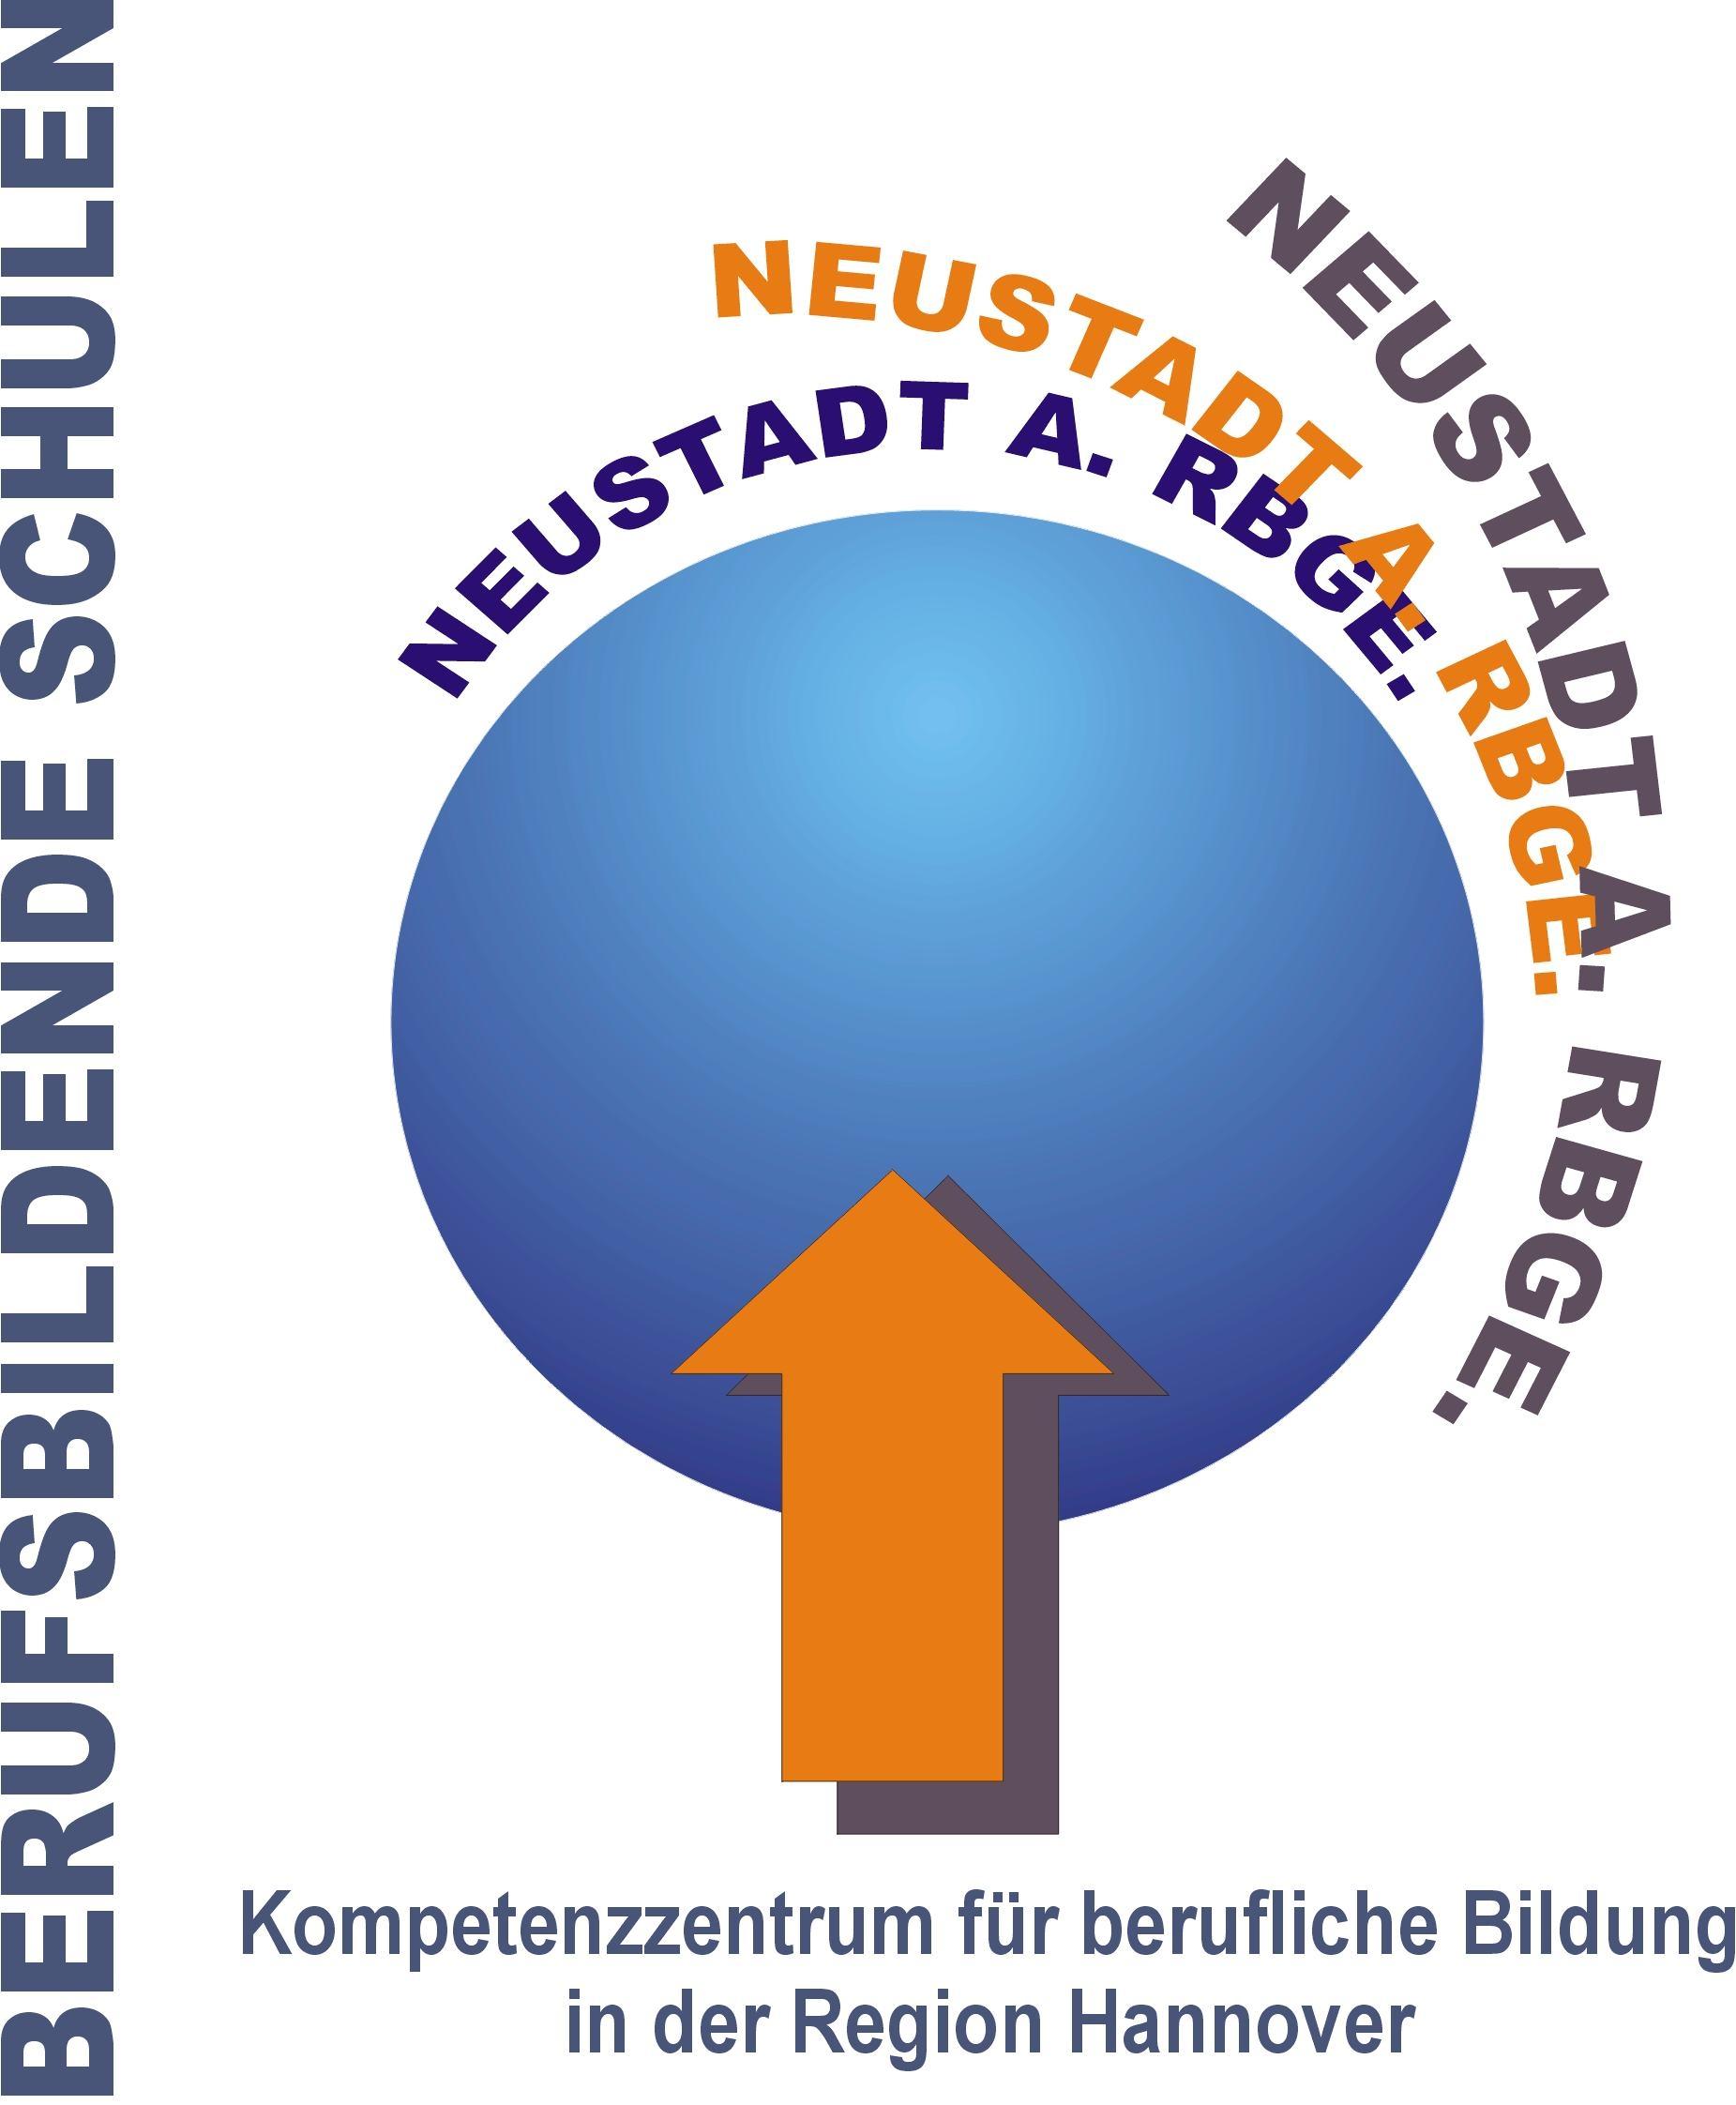 BBS Neustadt